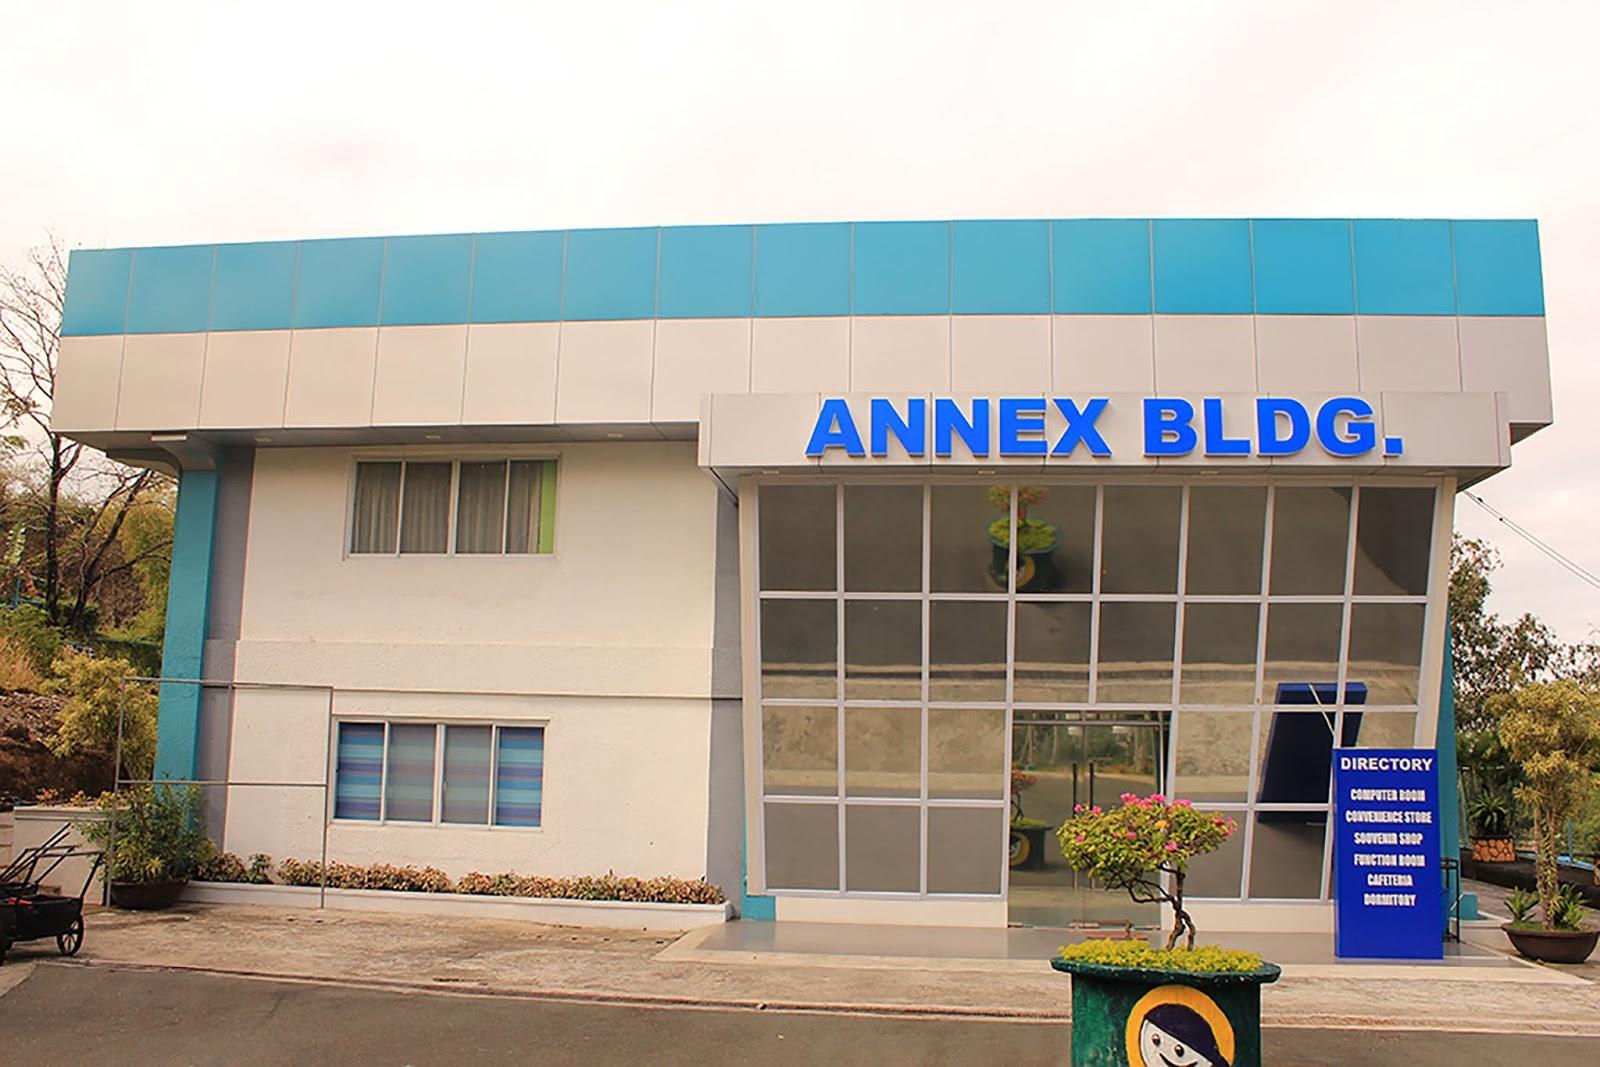 Annex Bldg